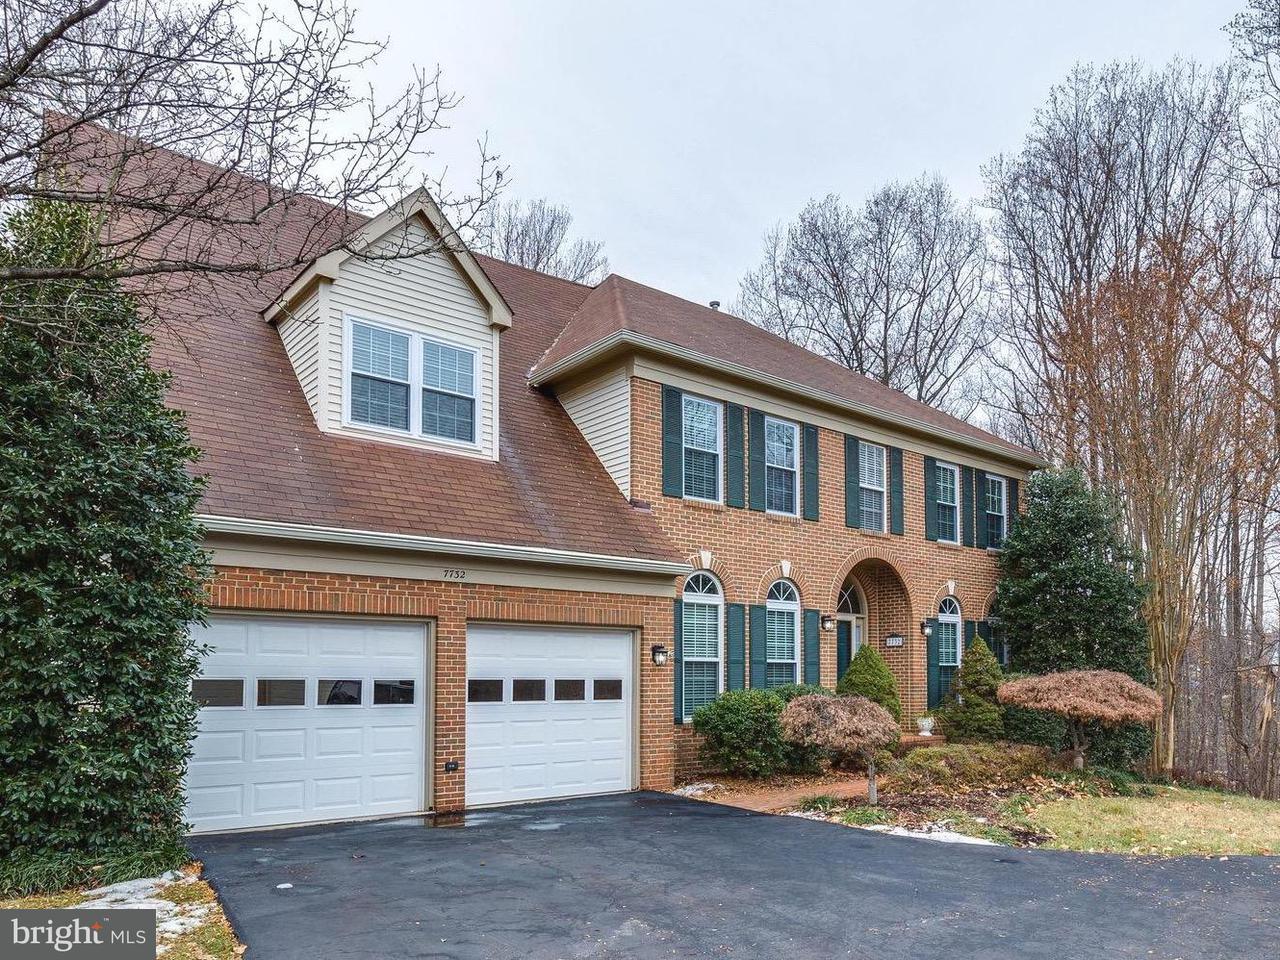 独户住宅 为 销售 在 7732 WHITE WILLOW Court 7732 WHITE WILLOW Court 斯普林菲尔德, 弗吉尼亚州 22153 美国